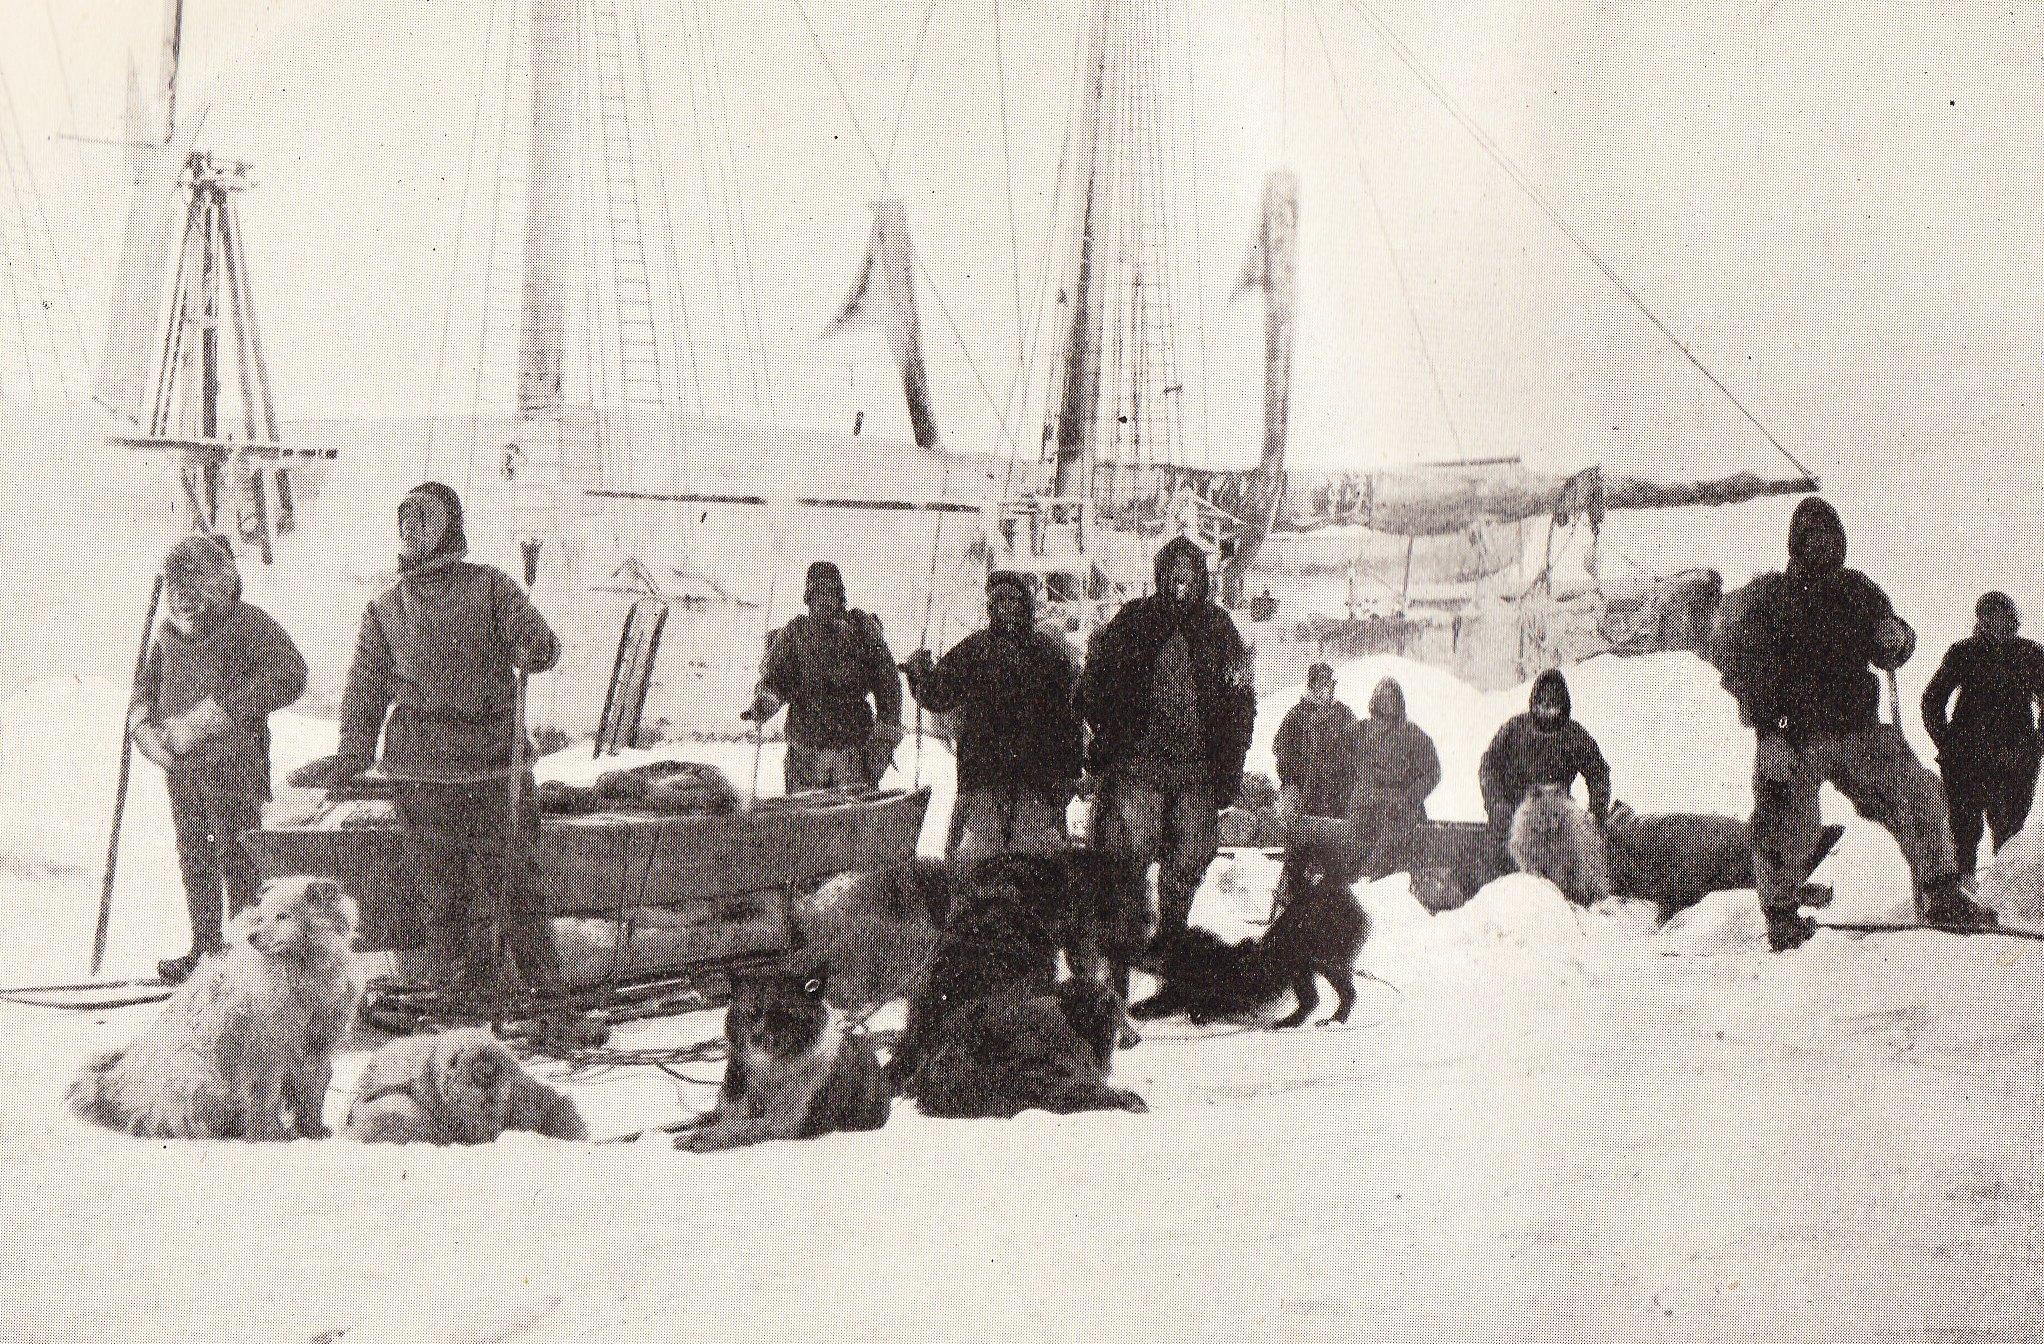 фотографии русские исследователи арктики этот зал